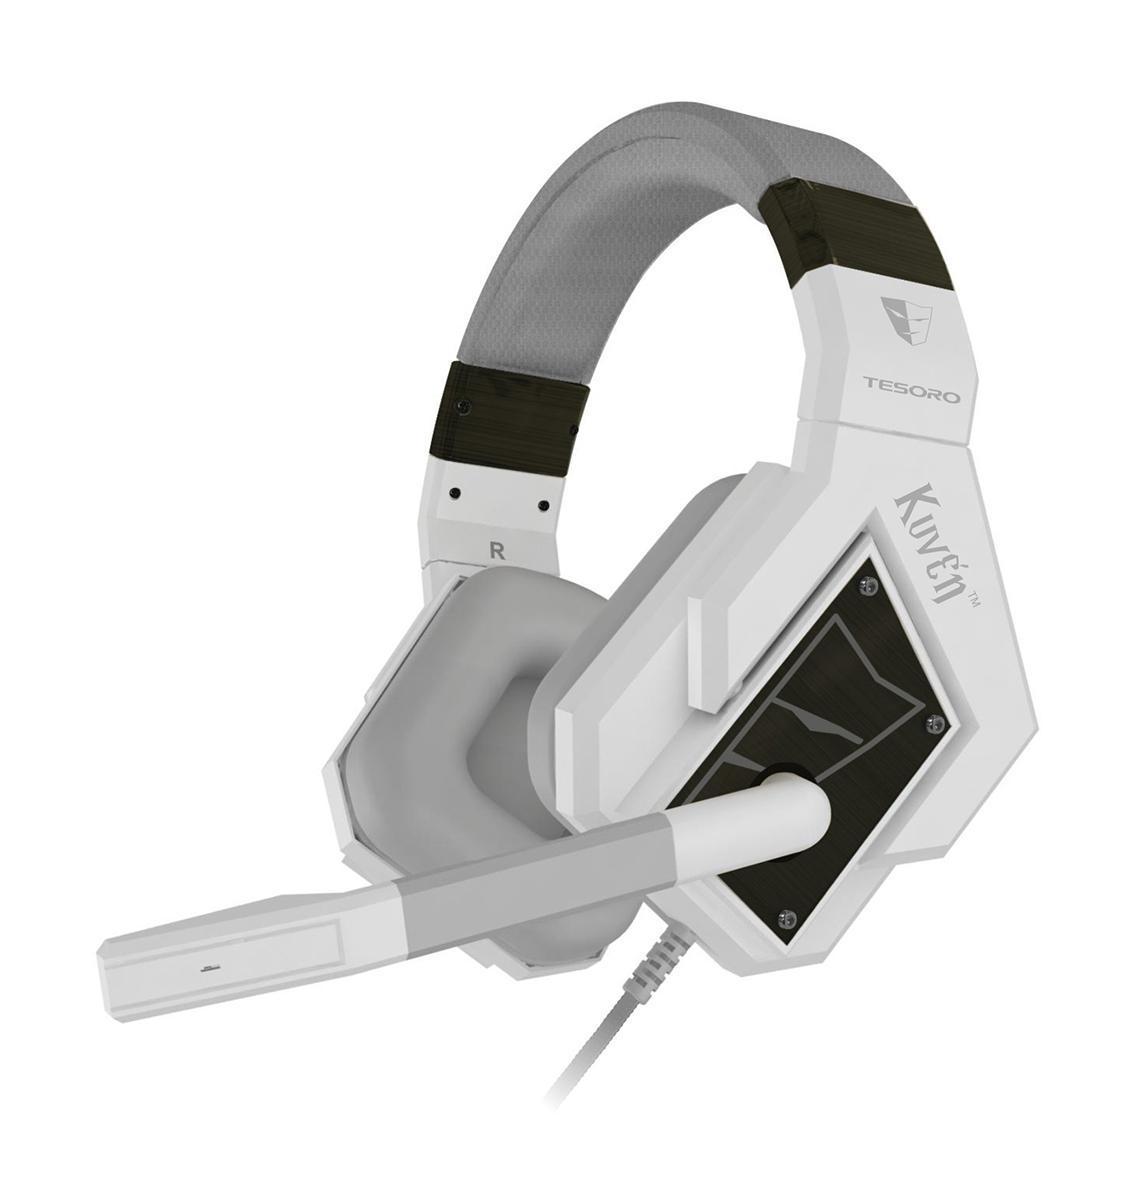 Tesoro Kuven 7.1 Angel TS-A1, White проводная гарнитураKuven 7.1 Angel TS-A1 WhiteПрофессиональная игровая гарнитура Tesoro Kuven 7.1 - это результат долгих исследований геймерских пристрастий и требований. Они совмещают в себе всё необходимое: виртуализированный звук 7.1, мощные 50-мм динамики, закрытые чашки со съёмными шумопоглощающими амбушюрами, контроллер звука, высококачественный микрофон и стильный внешний вид. Данная модель обладает чистейшим звучанием и обеспечивают превосходную слышимость во время игры. Благодаря продвинутой технологии виртуализации объёмного звука, вы сможете быть готовым к столкновению с самым осторожным противником, потому что будете слышать его задолго до того, как он сможет вас увидеть. Благодаря виртуализированному звуку 7.1 вы сможете точно определять местоположение ваших противников и составлять наиболее полную картину боя. 50-мм динамики обеспечивают мощное, чистое звучание, благодаря которому погружение в игру будет максимально глубоким. Закрытый тип наушников и плотные амбушюры позволят...